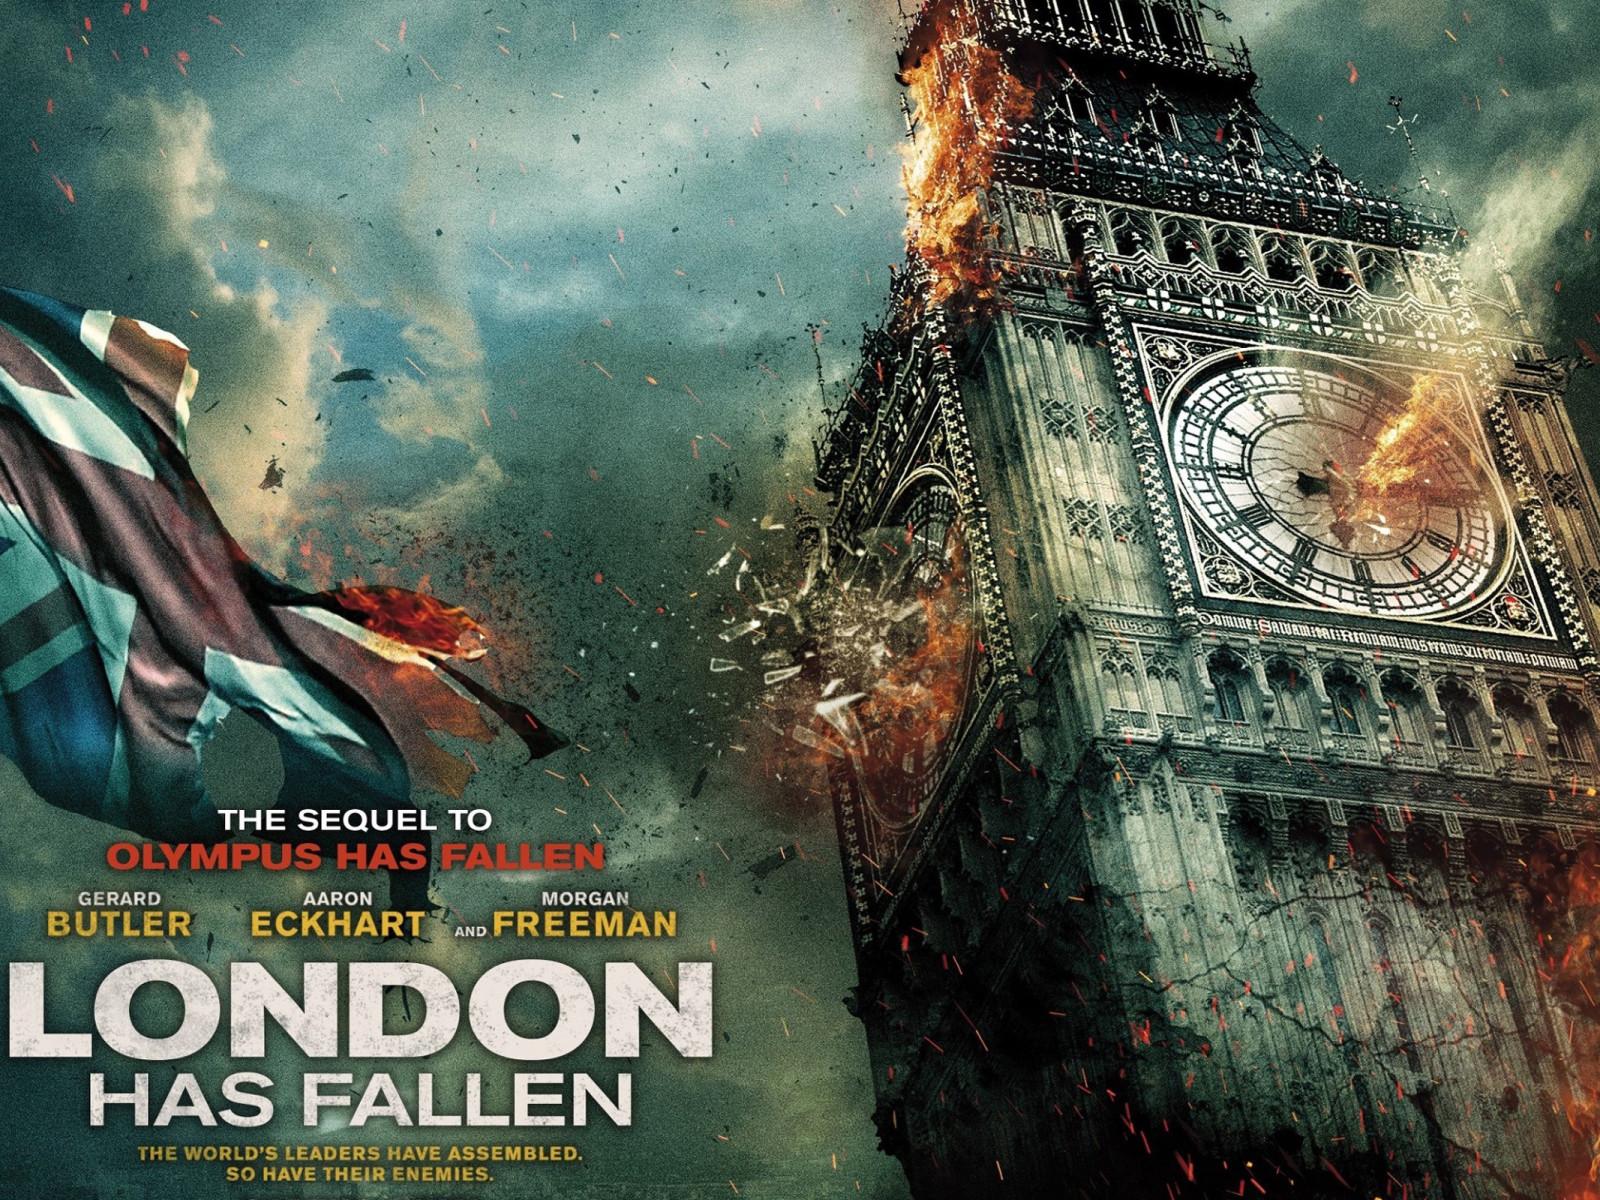 London Has Fallen 2015 Movie HD Wallpaper 4926 1600x1200